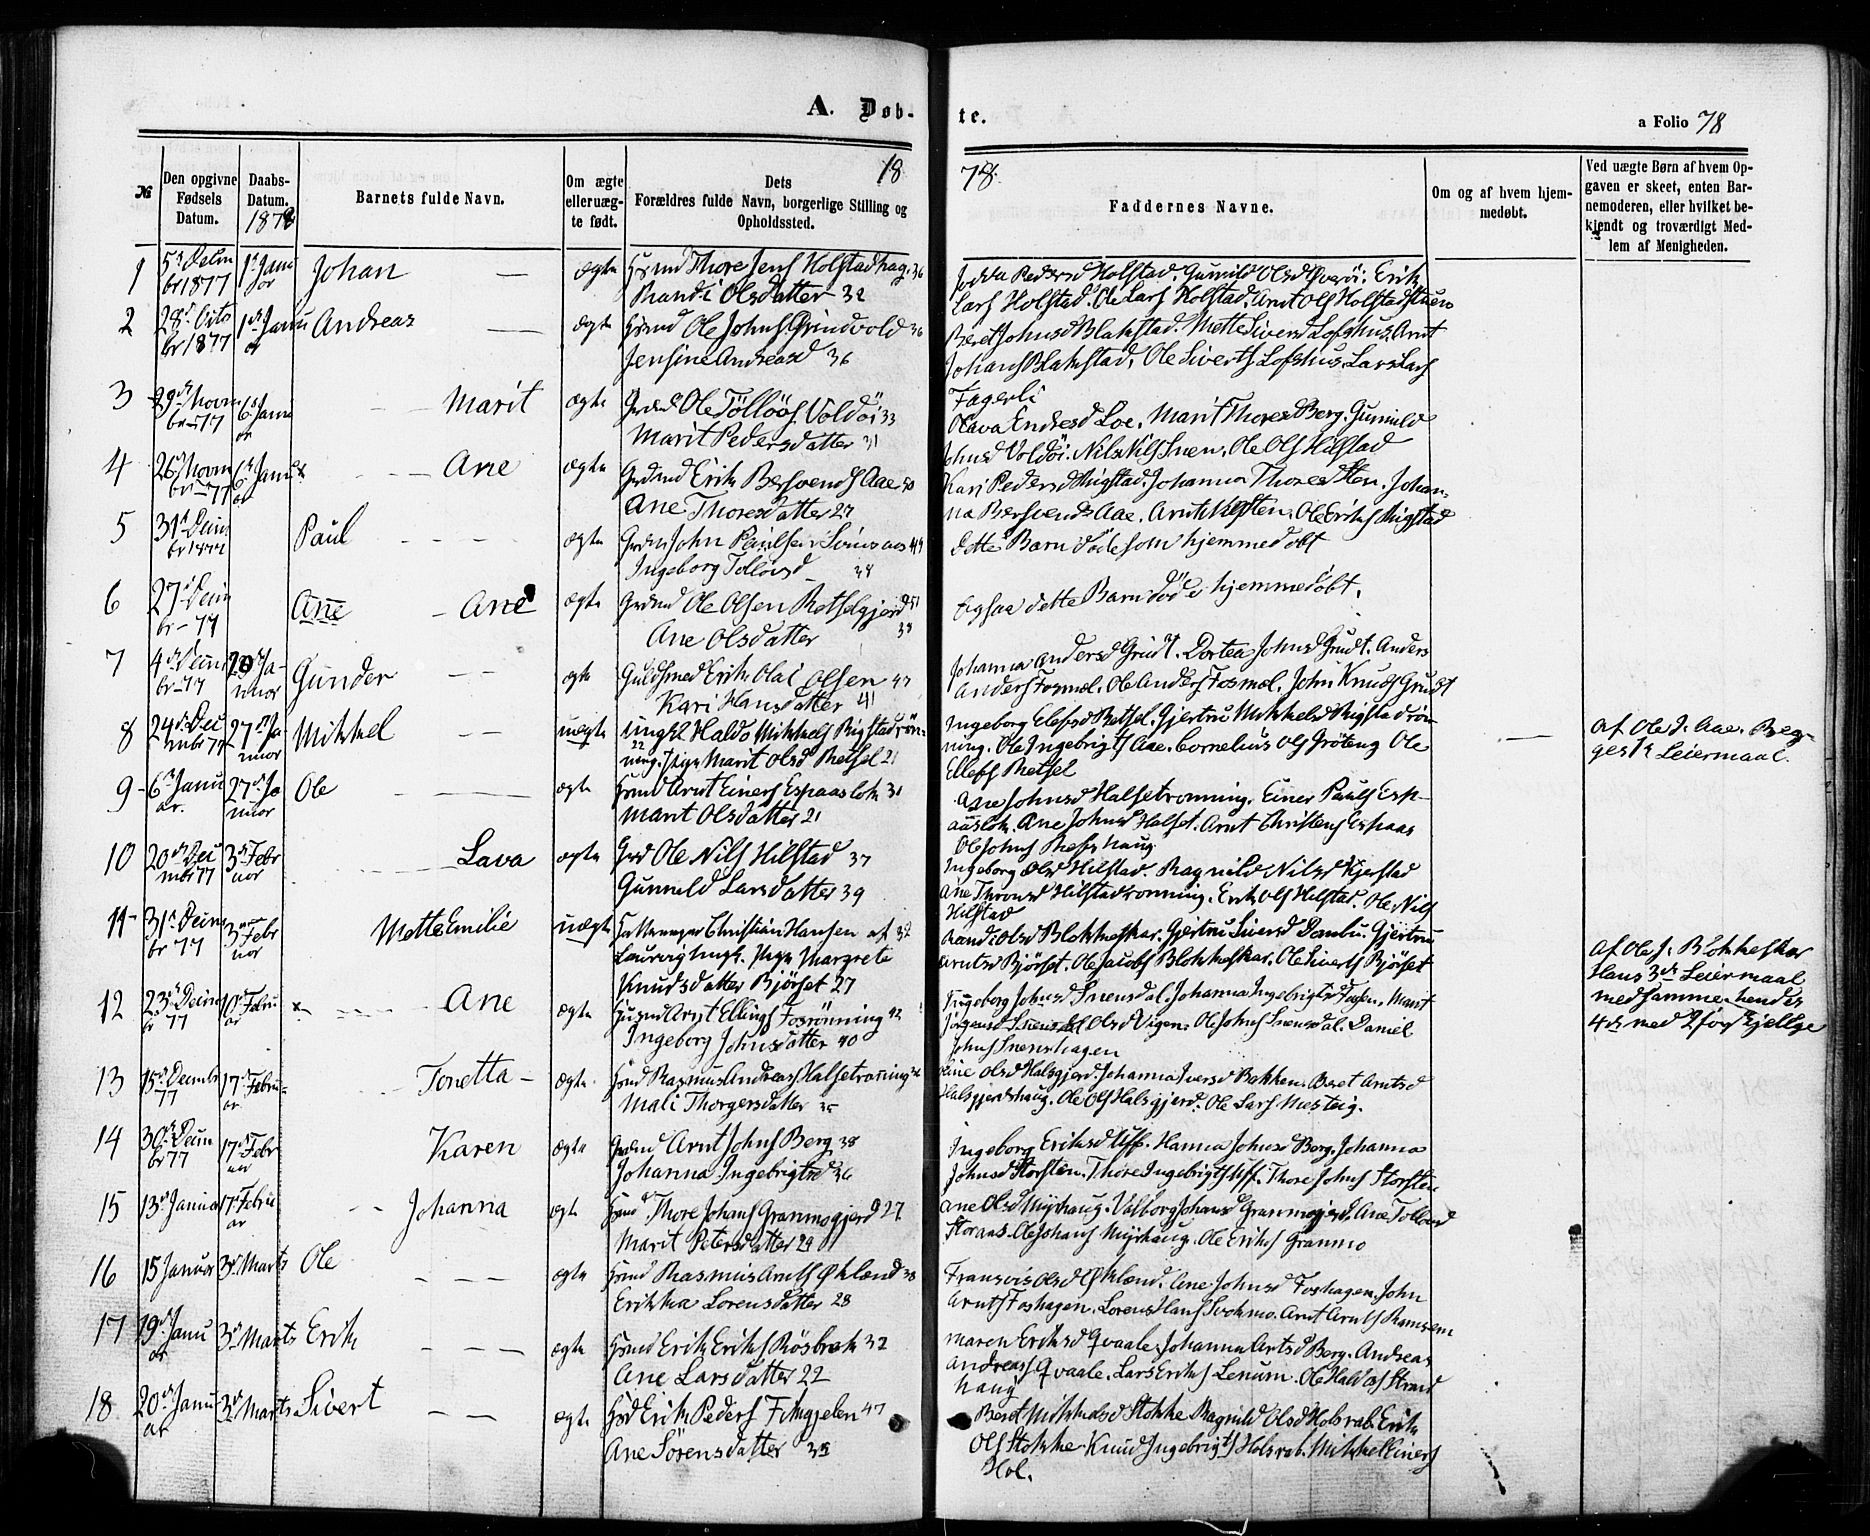 SAT, Ministerialprotokoller, klokkerbøker og fødselsregistre - Sør-Trøndelag, 672/L0856: Ministerialbok nr. 672A08, 1861-1881, s. 78